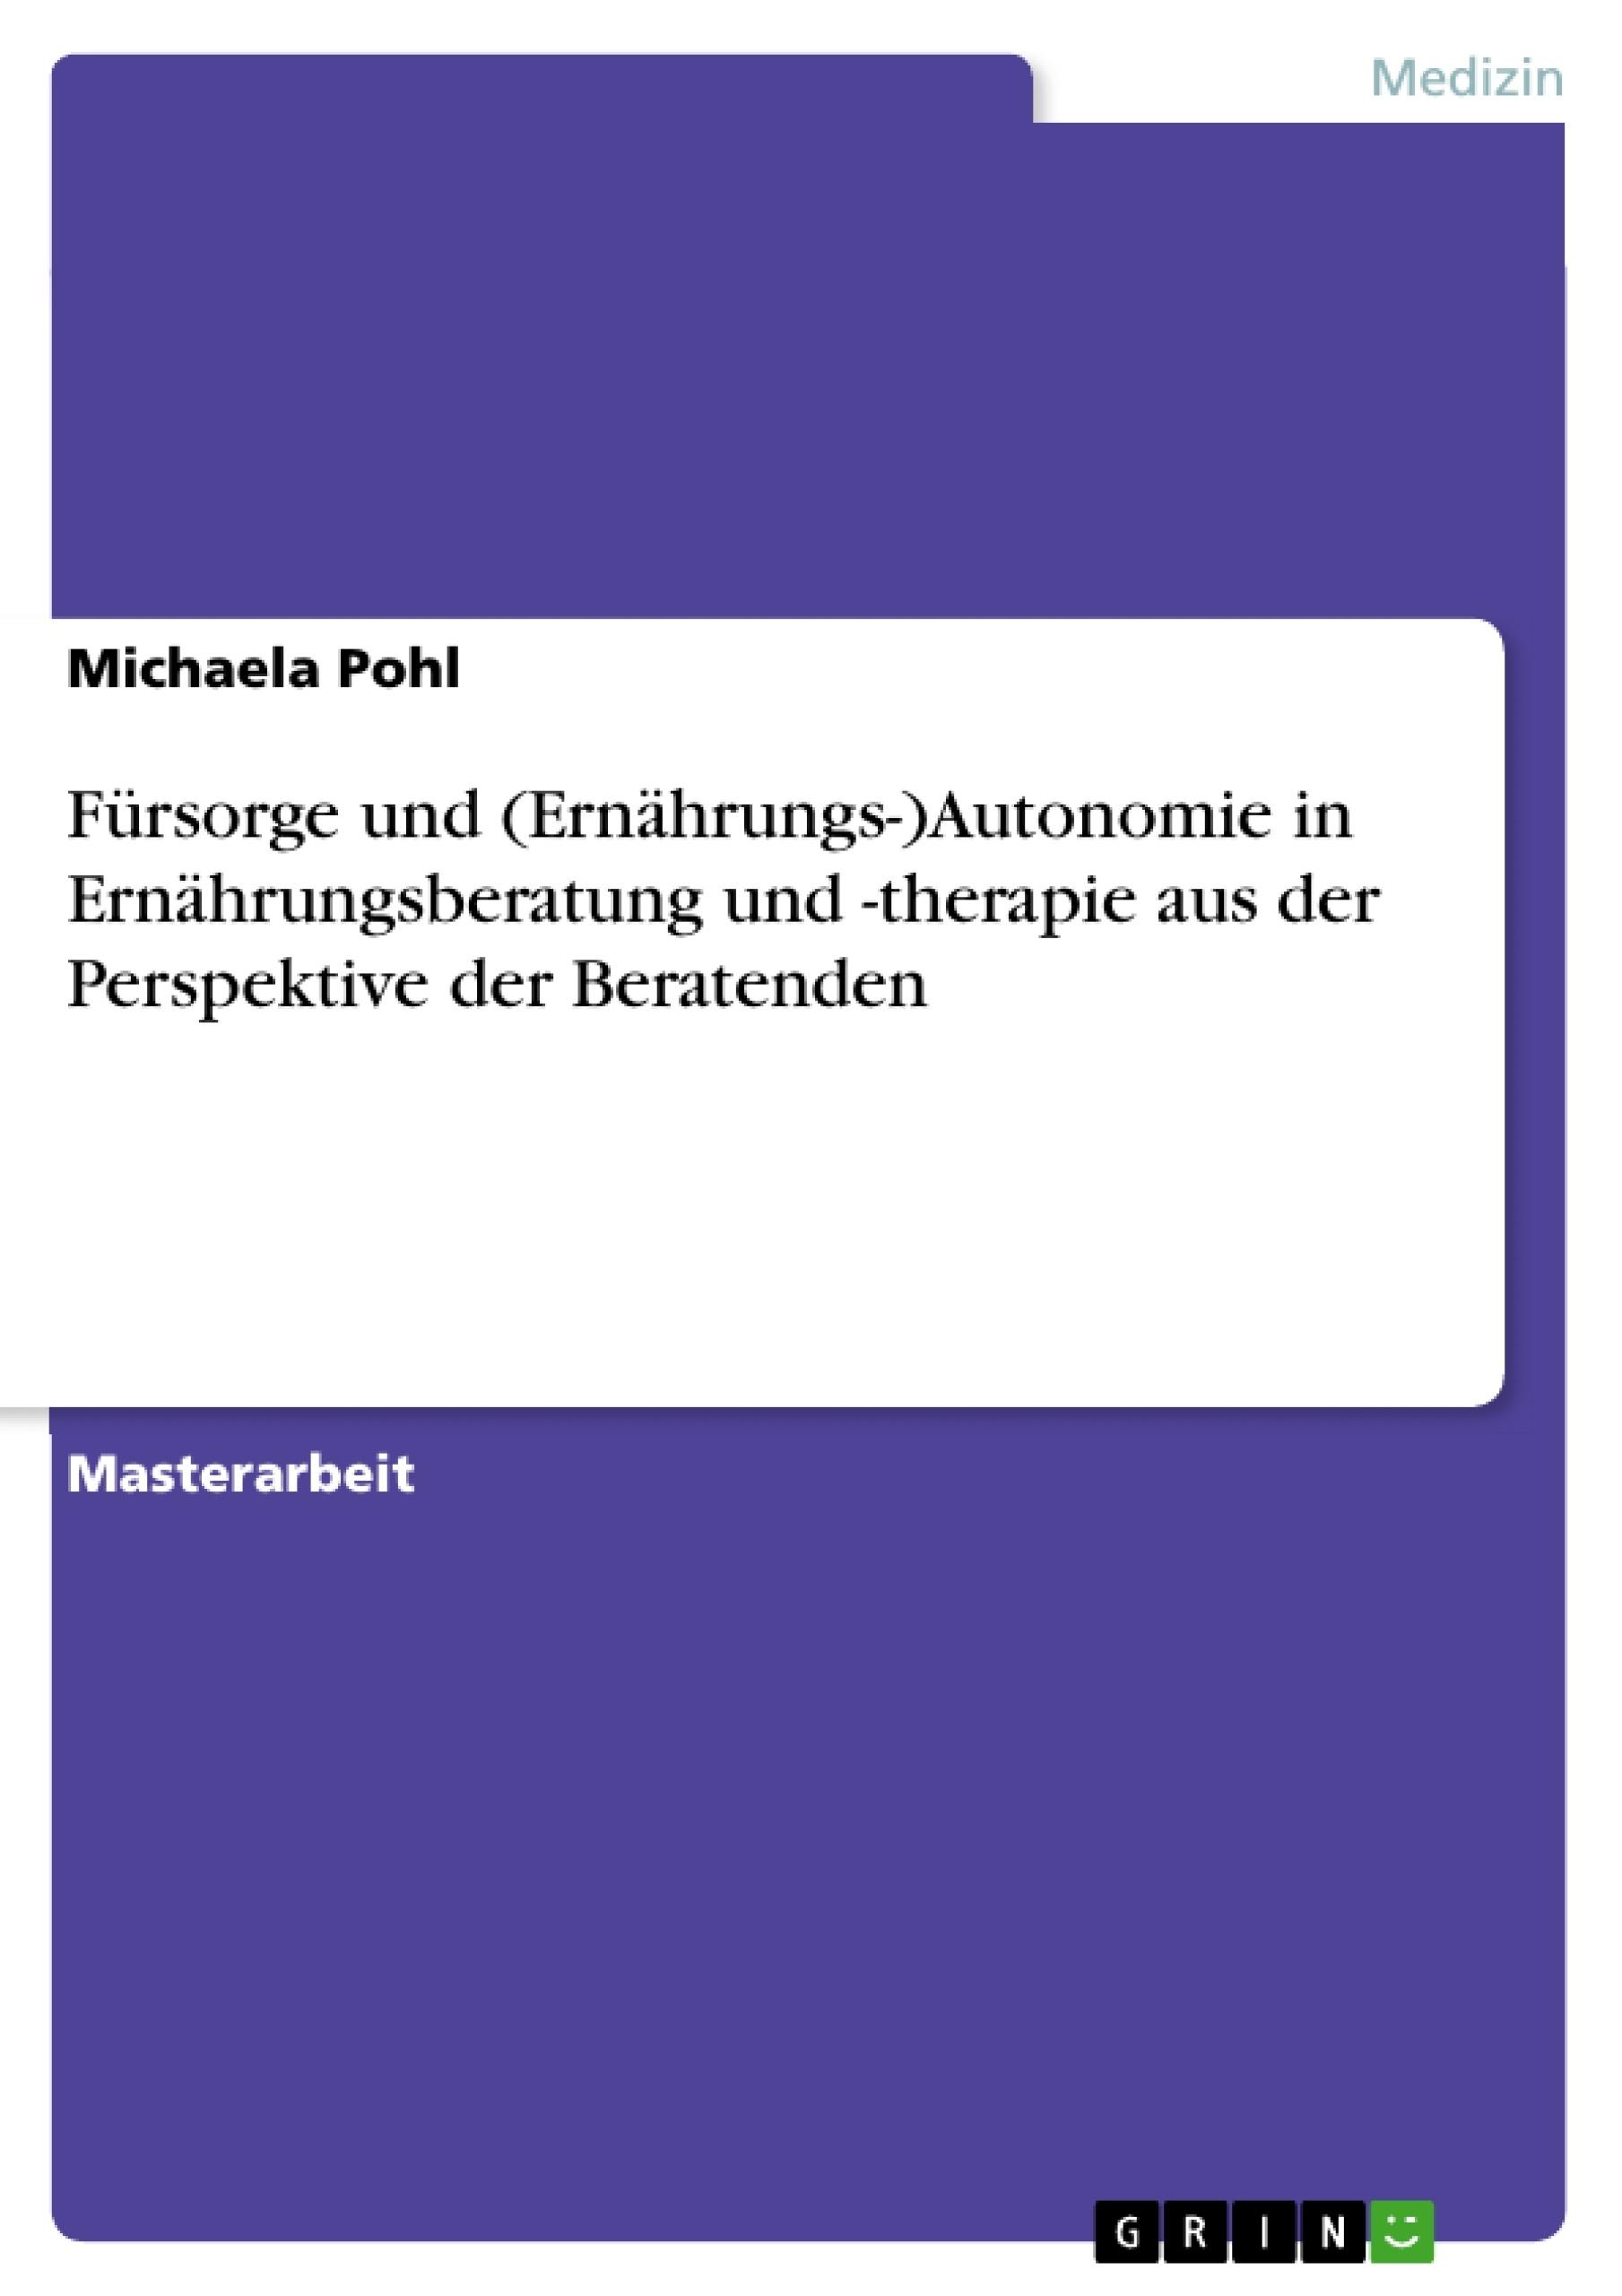 Titel: Fürsorge und (Ernährungs-)Autonomie in Ernährungsberatung und -therapie aus der Perspektive der Beratenden